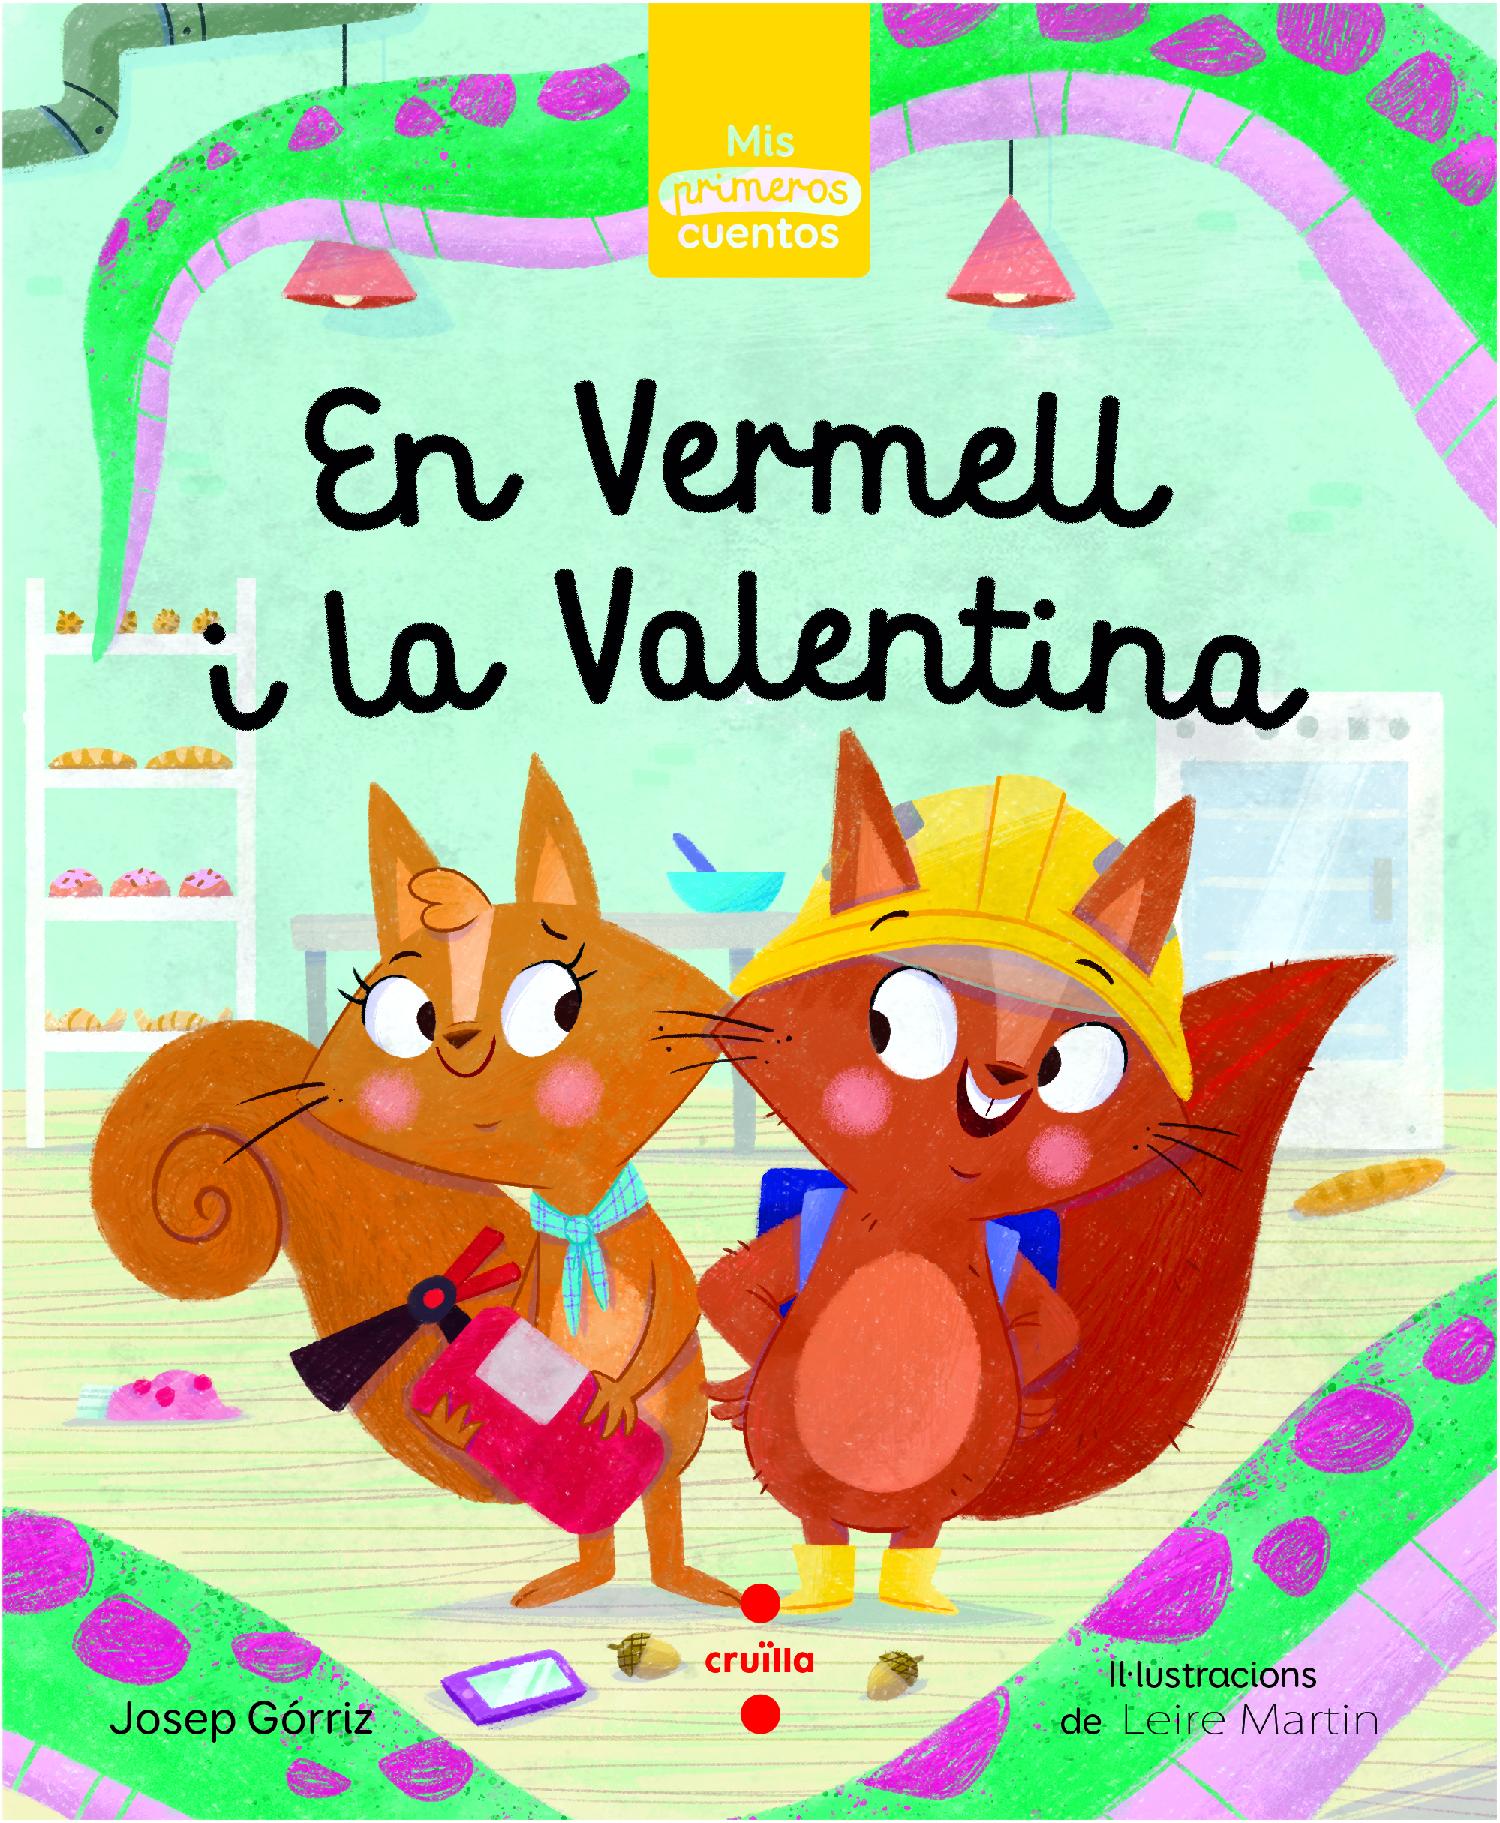 vermell_i_valentina_cub